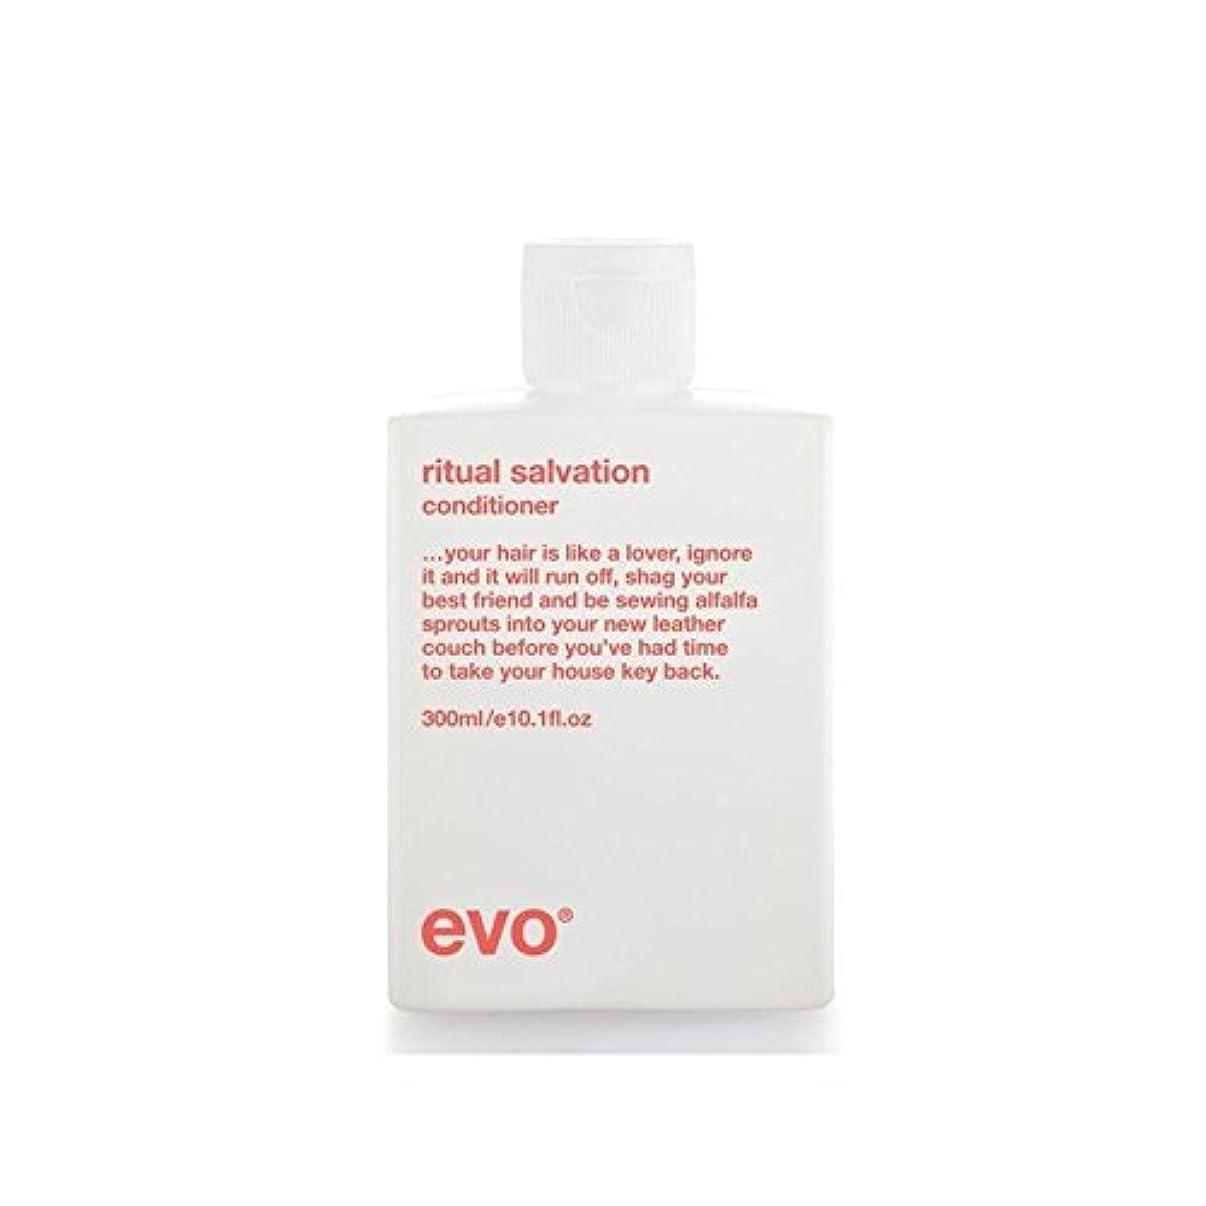 保証金ナンセンス豊かな儀式救いコンディショナー(300ミリリットル) x2 - Evo Ritual Salvation Conditioner (300ml) (Pack of 2) [並行輸入品]